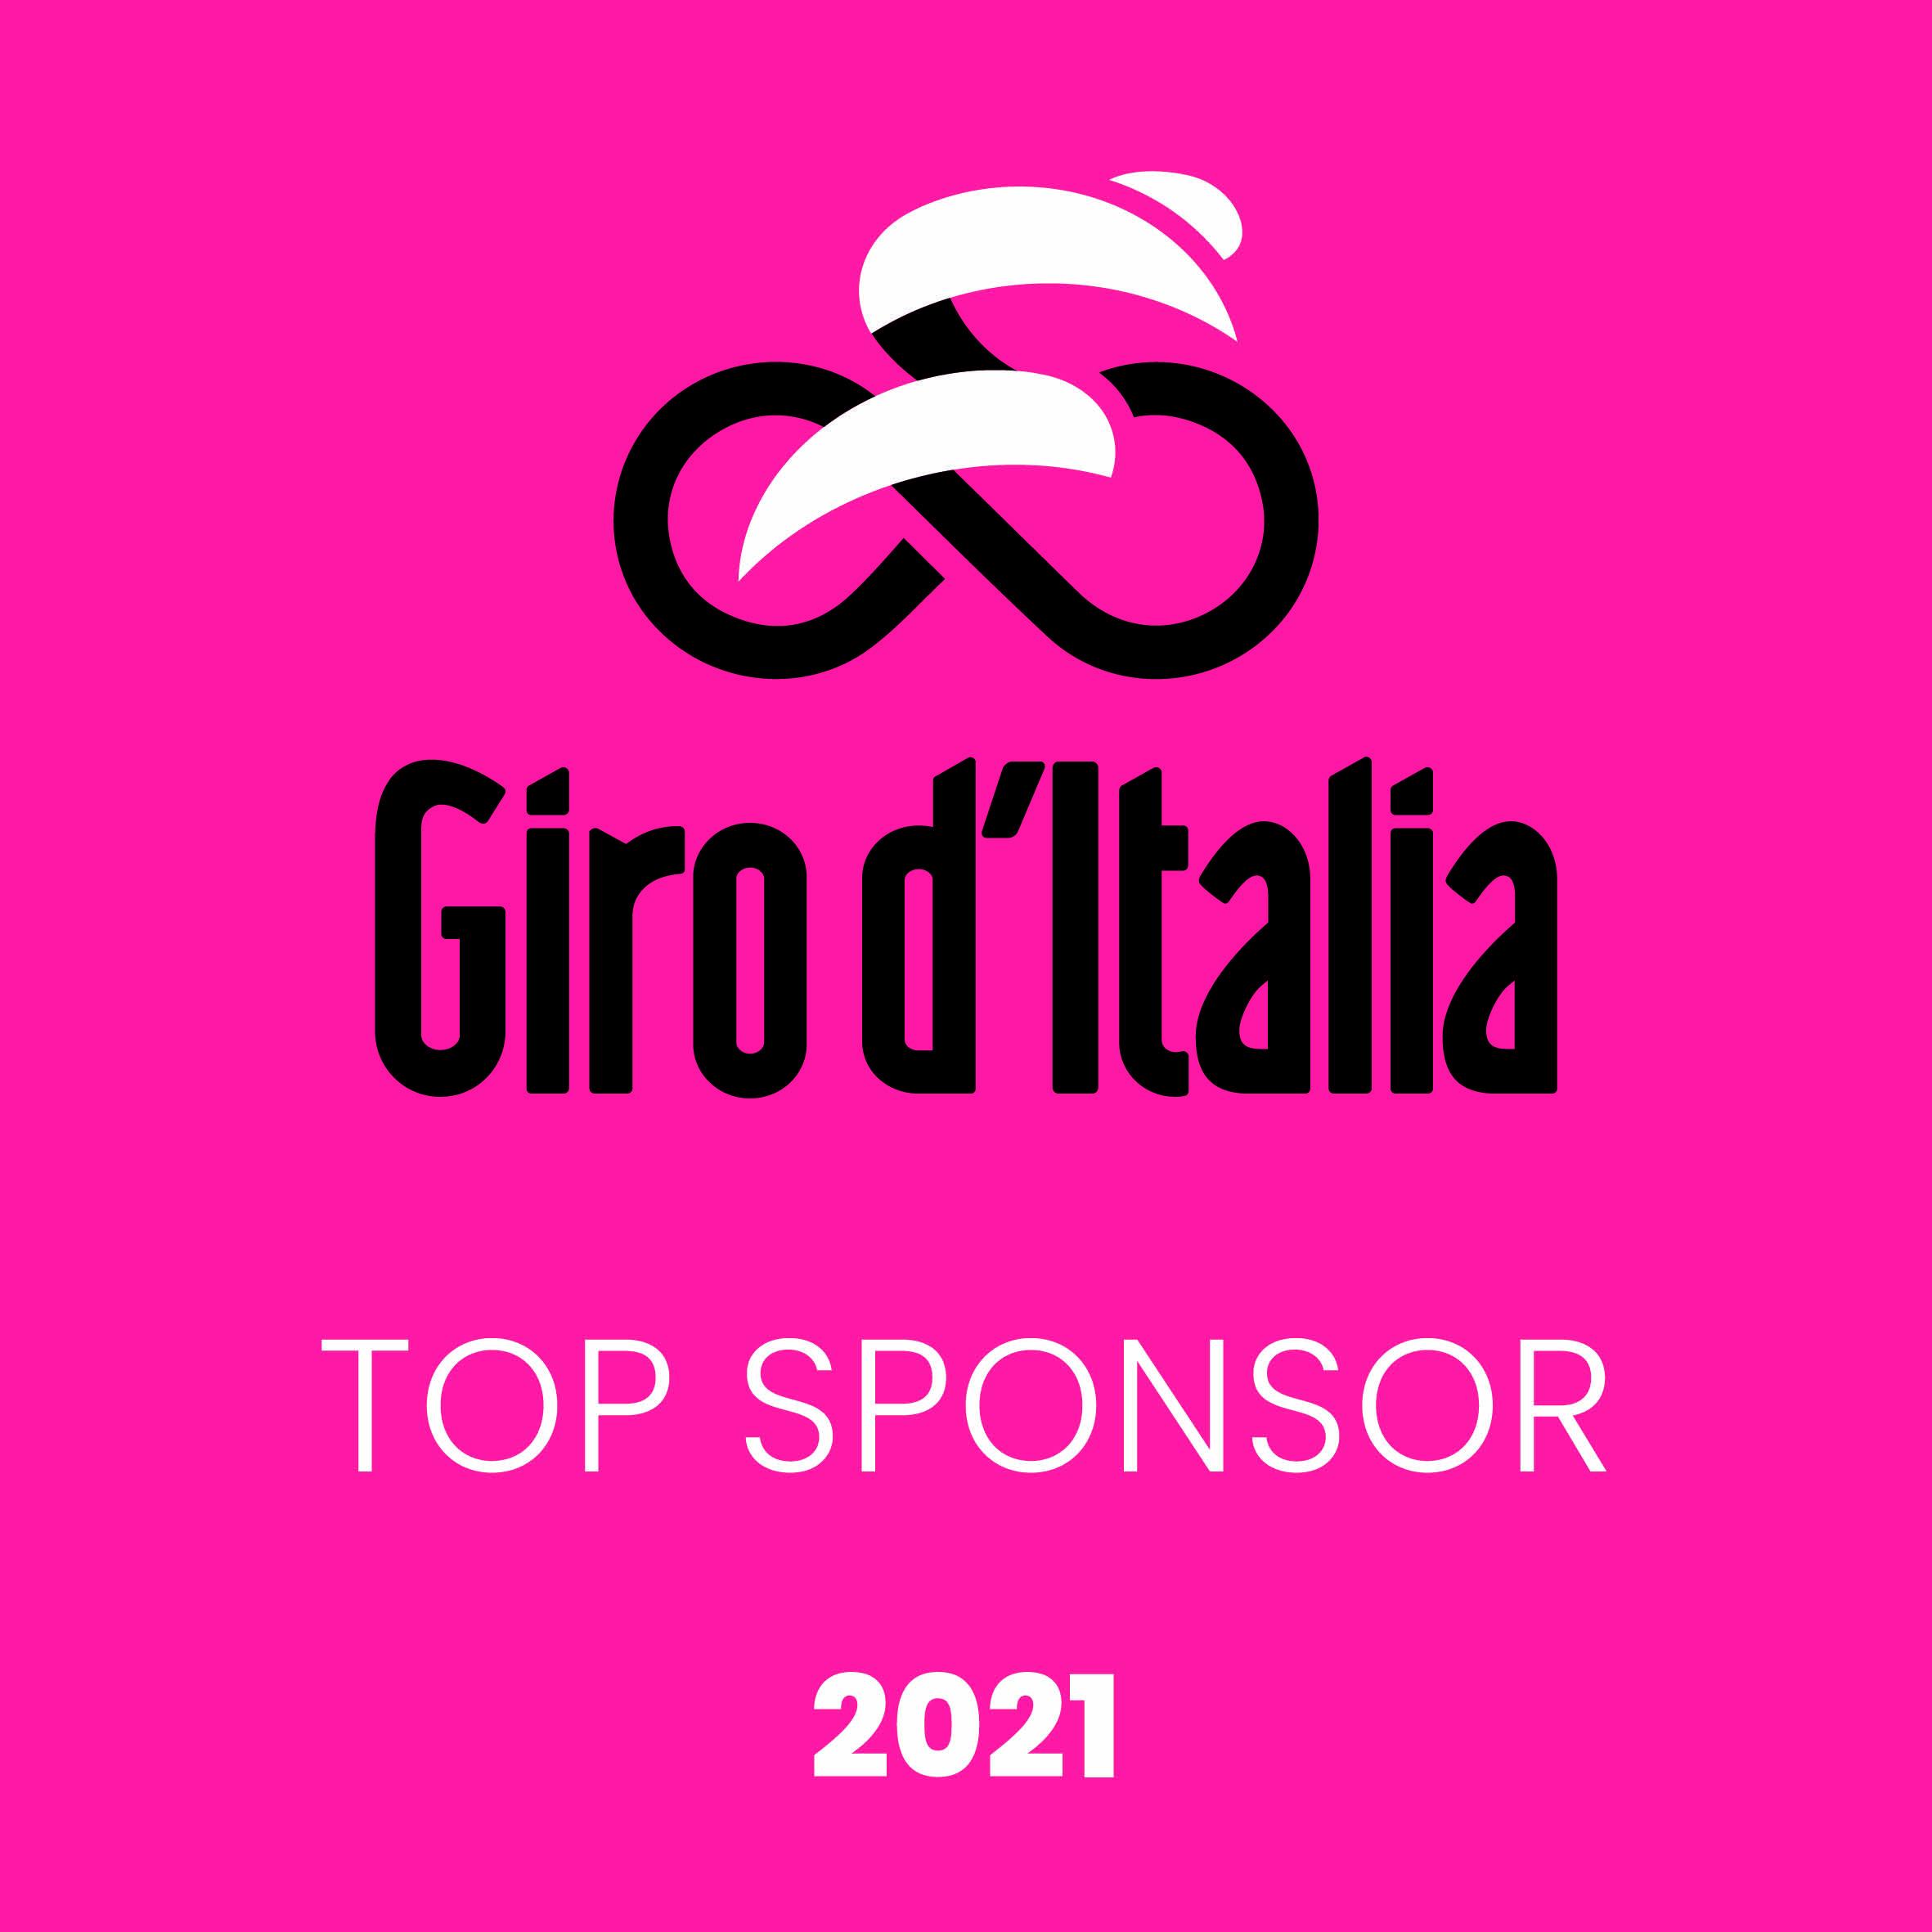 ACI porta al Giro d'Italia 2021 la campagna #rispettiamoci